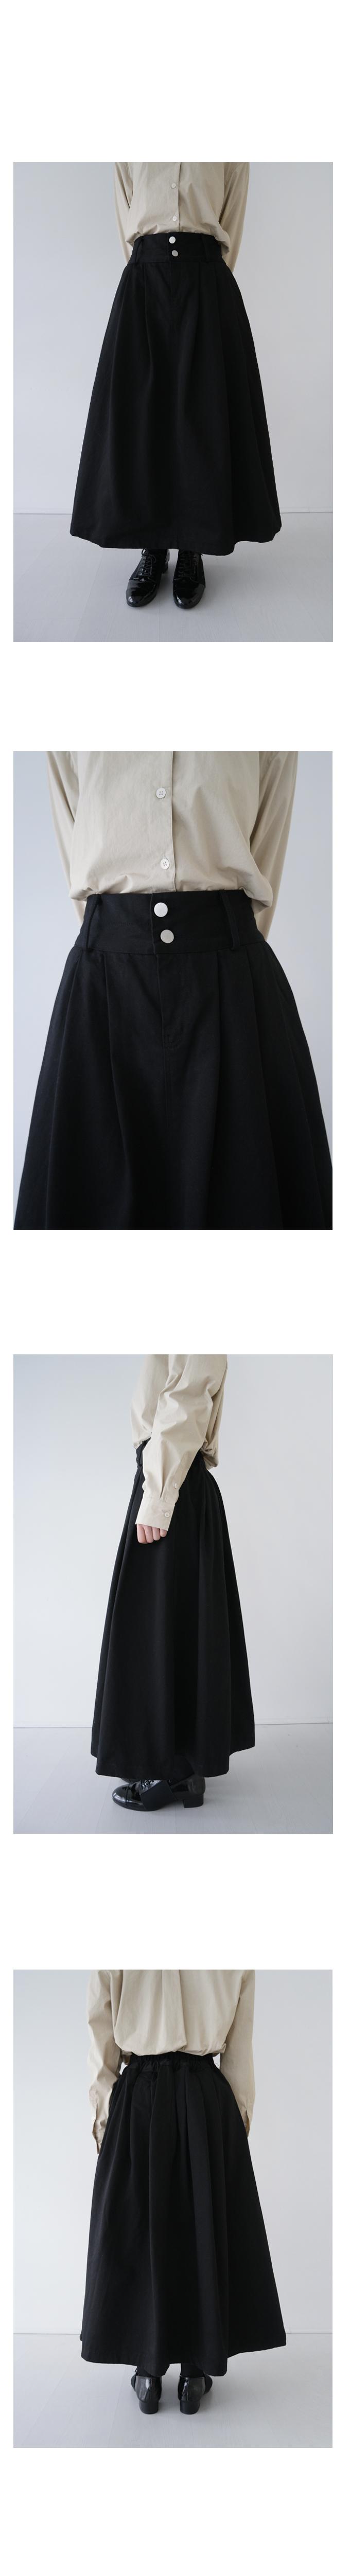 wide and balanced skirt